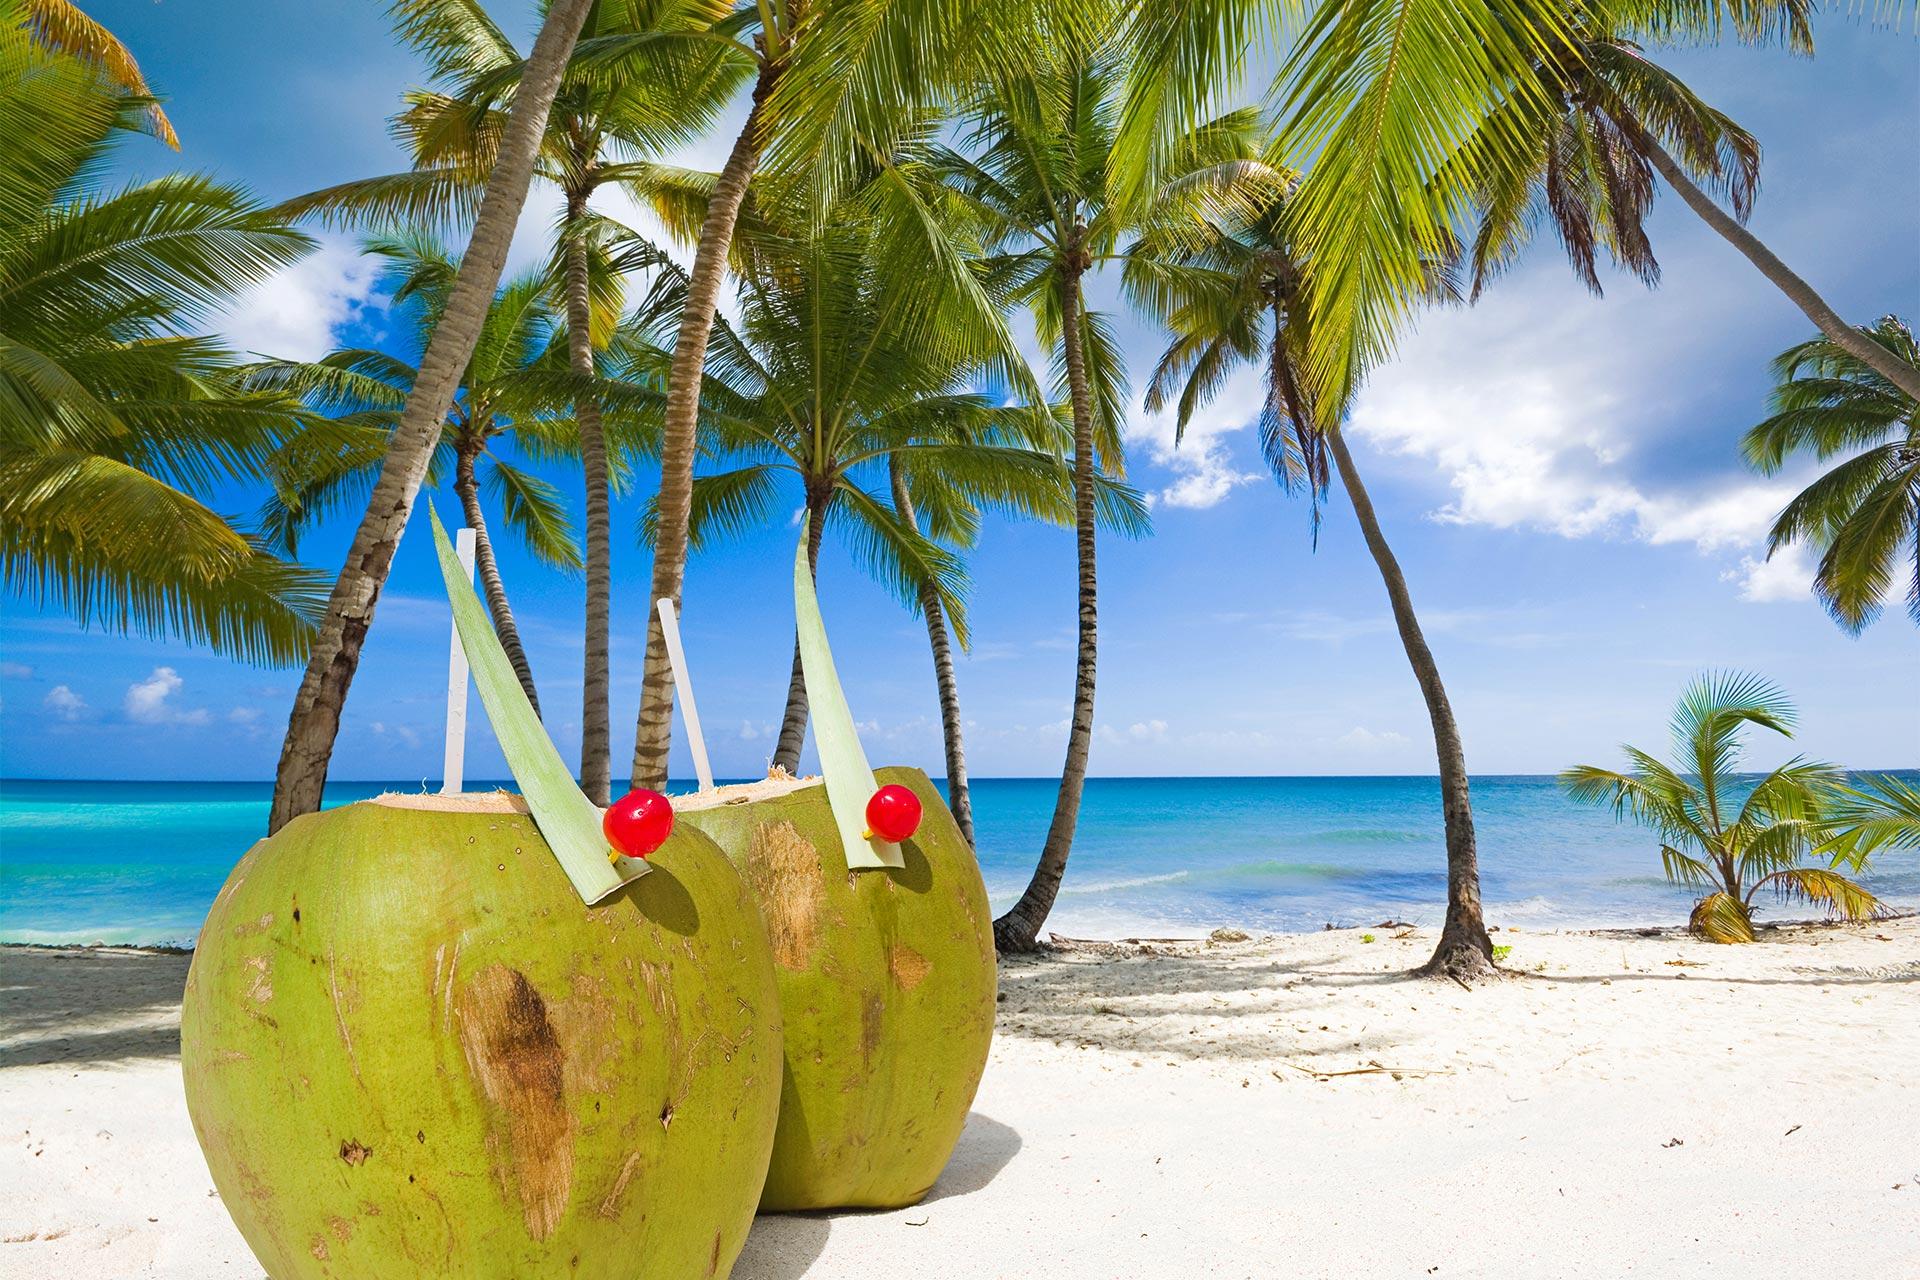 Craciun & Revelion 2022 - Sejur charter La Romana, Republica Dominicana 11 zile